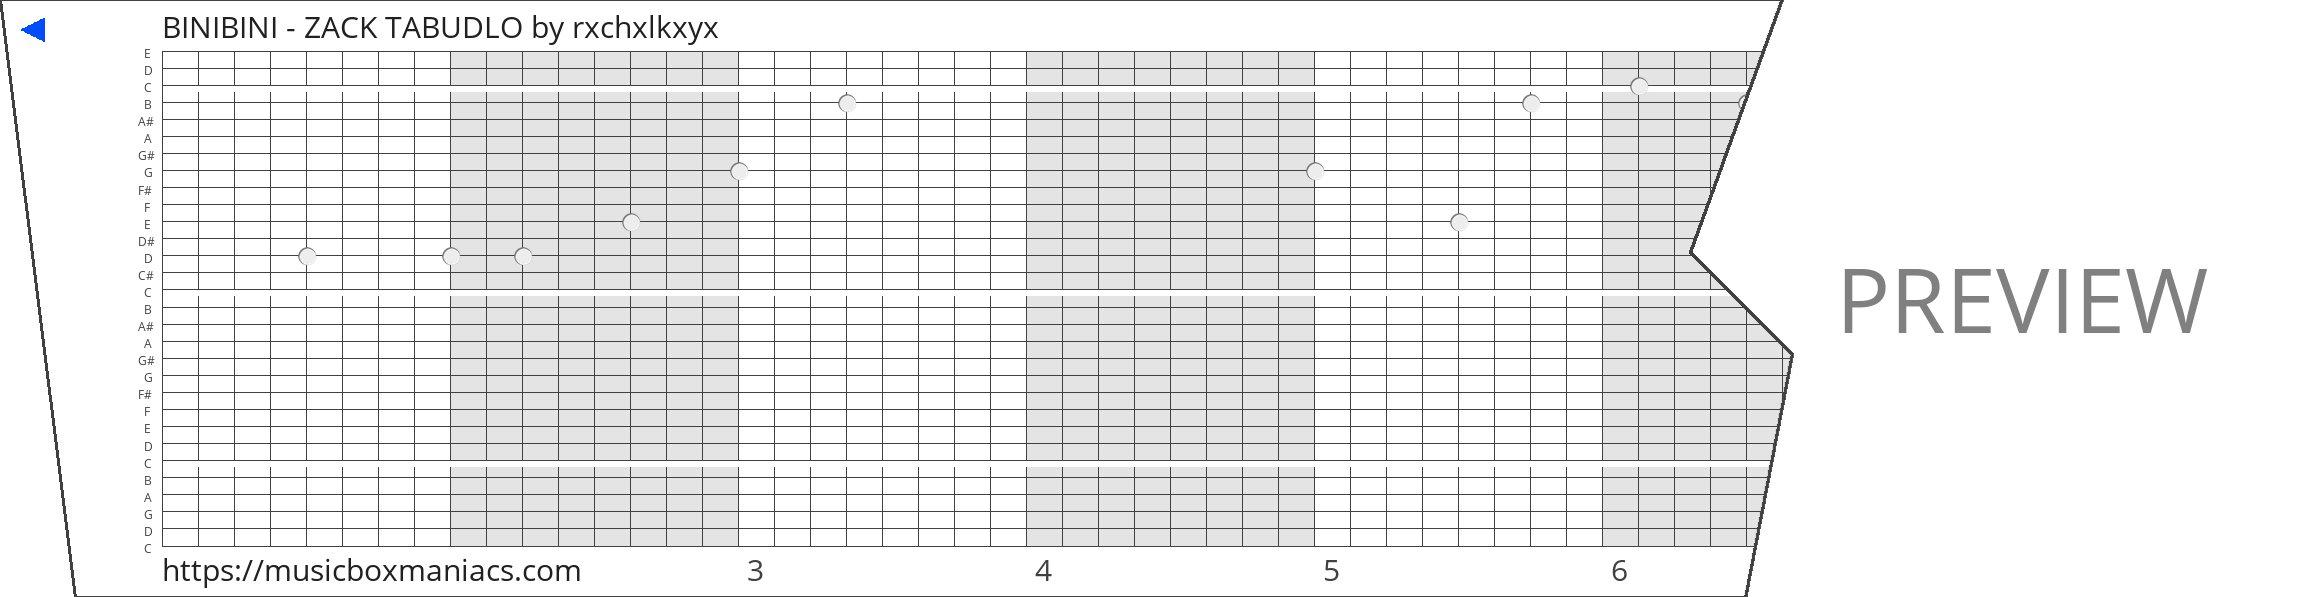 BINIBINI - ZACK TABUDLO 30 note music box paper strip